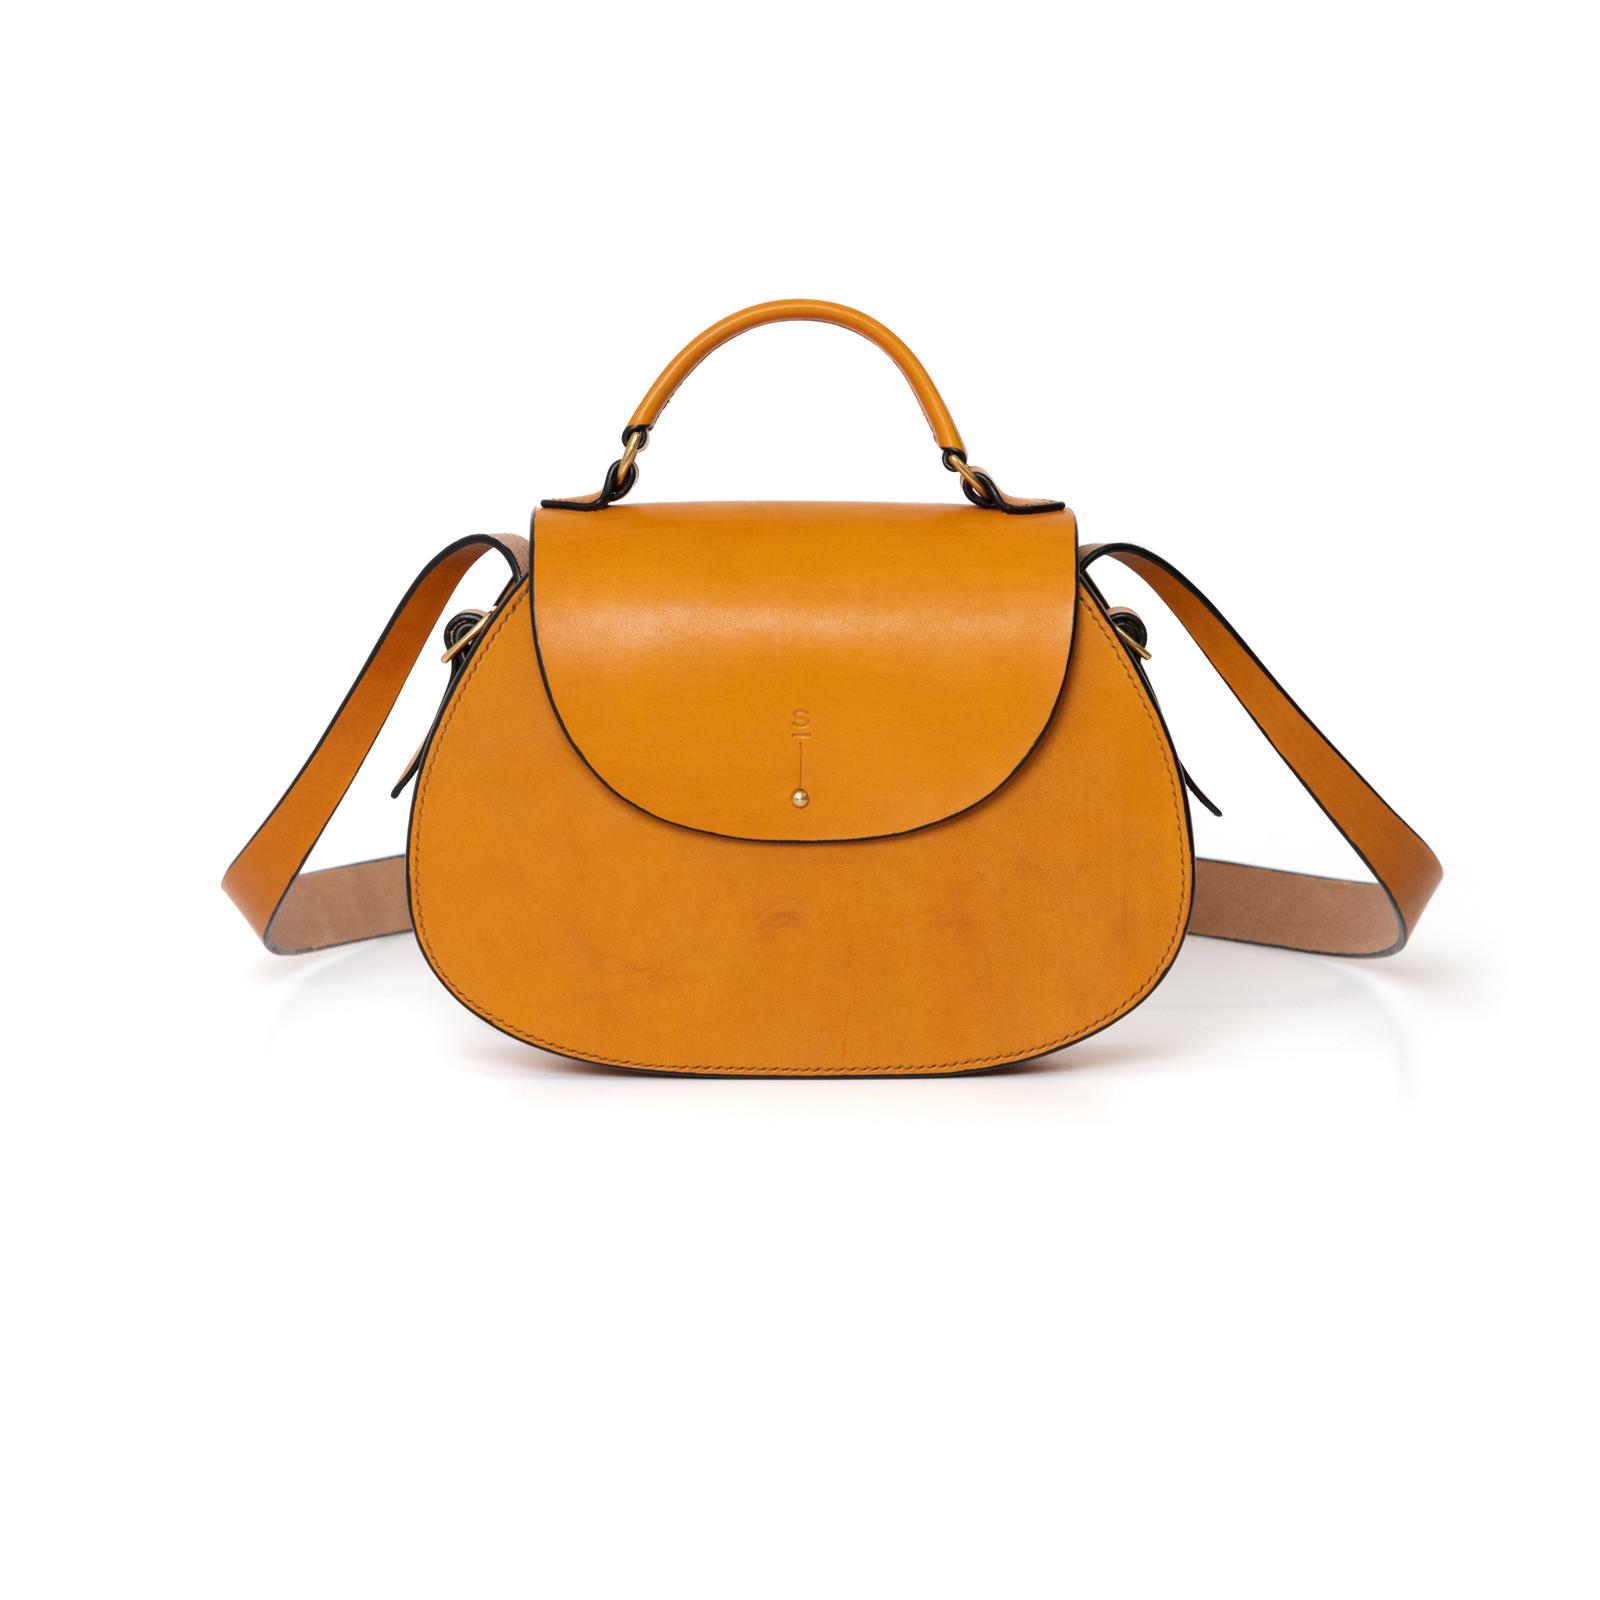 Abigail bag